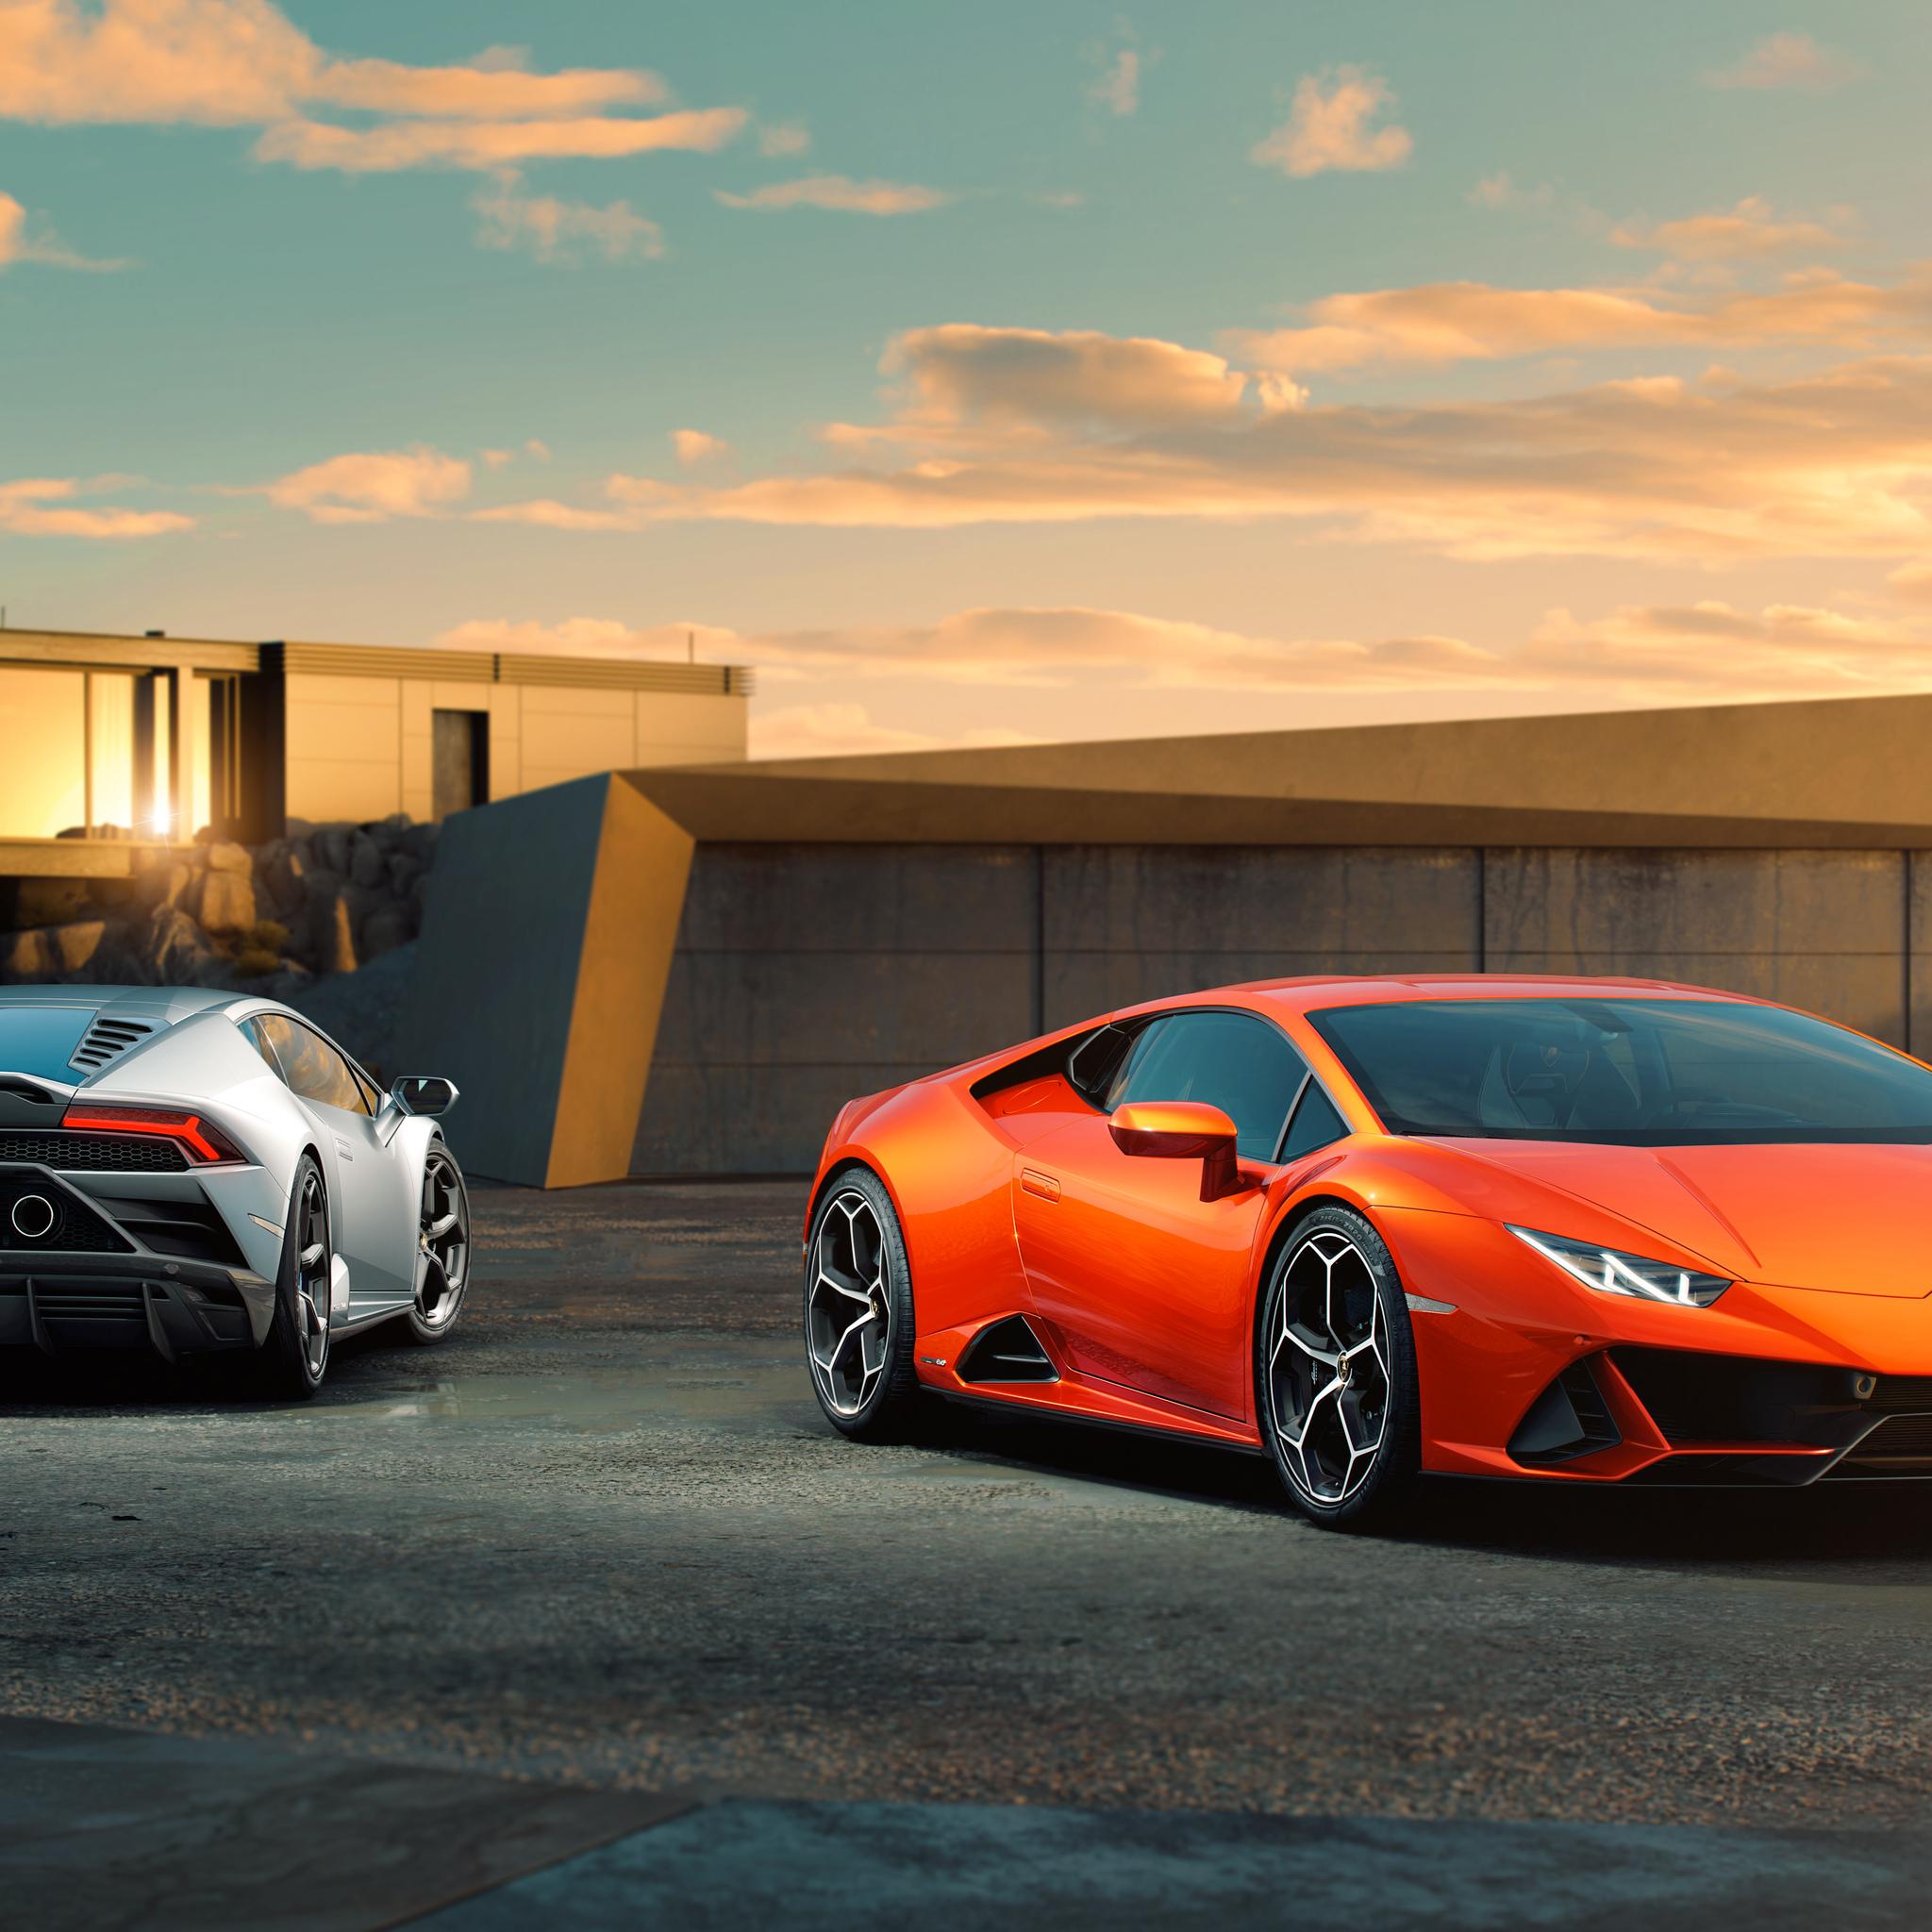 2048x2048 Lamborghini Huracan EVO 10k 2019 Ipad Air HD 4k